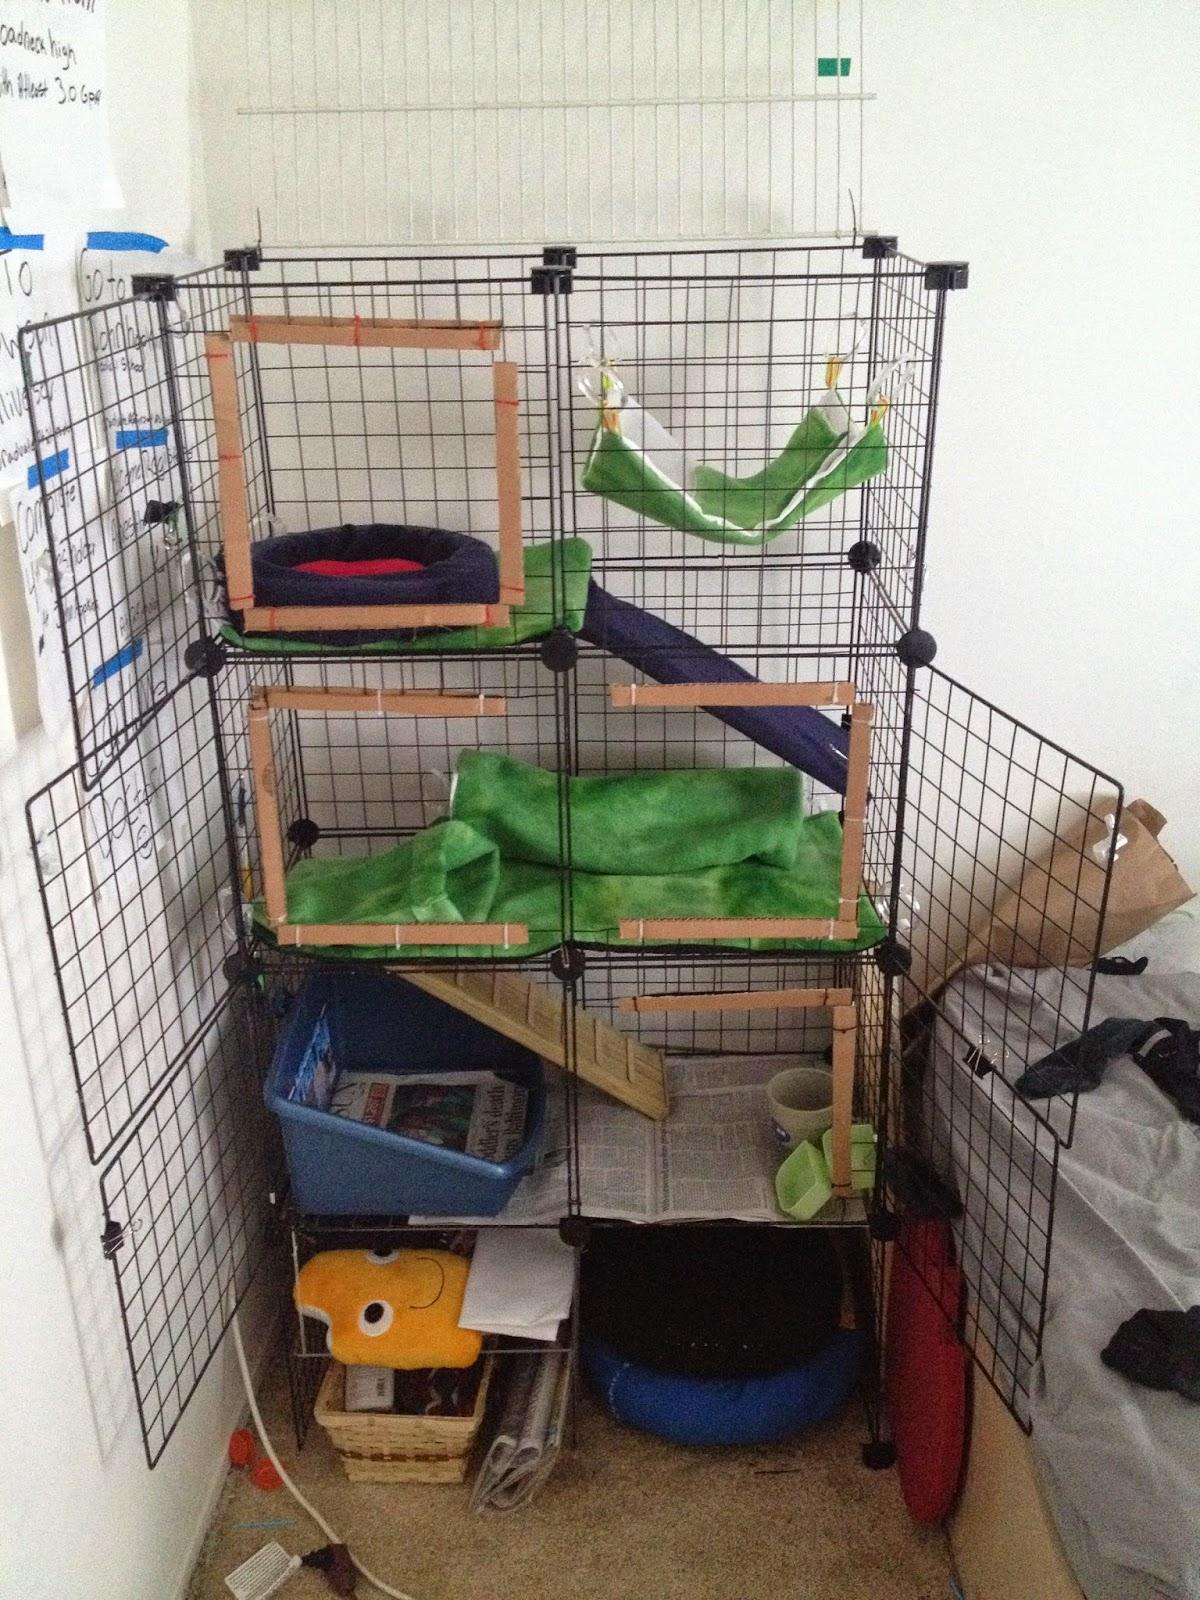 Dw S Ferrets Diy Ferret Cages